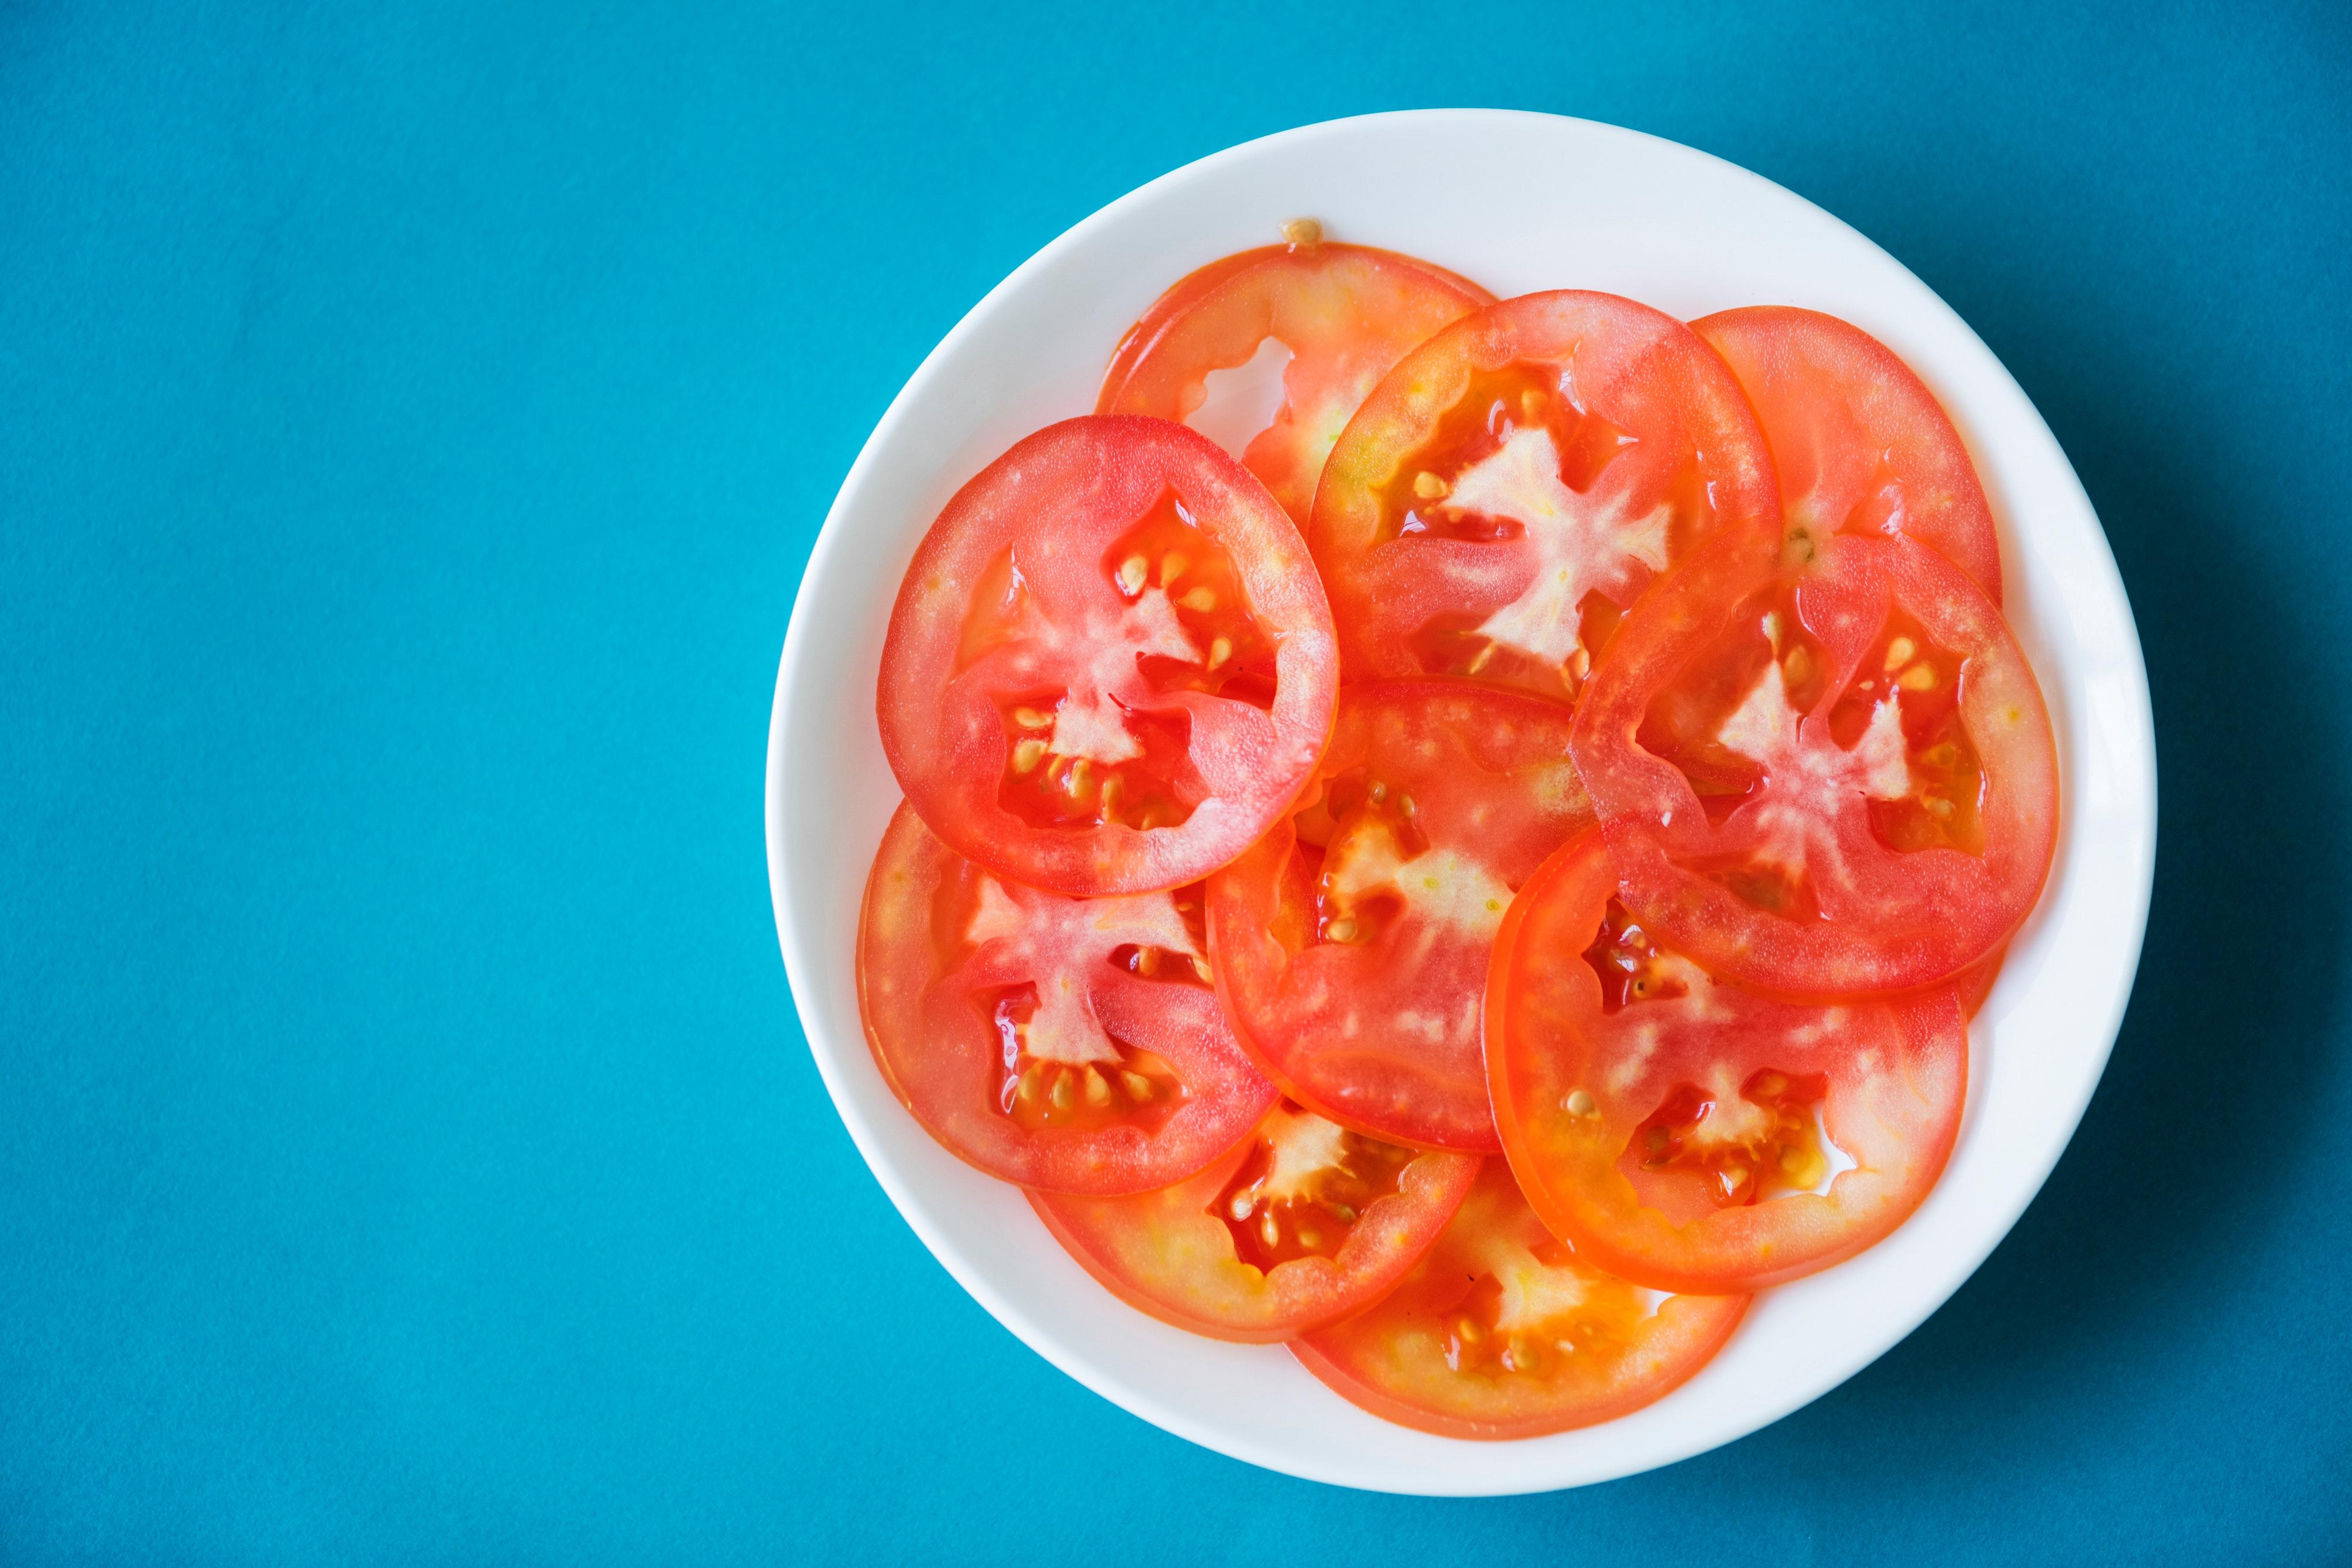 太もも痩せ,ダイエット,トマト